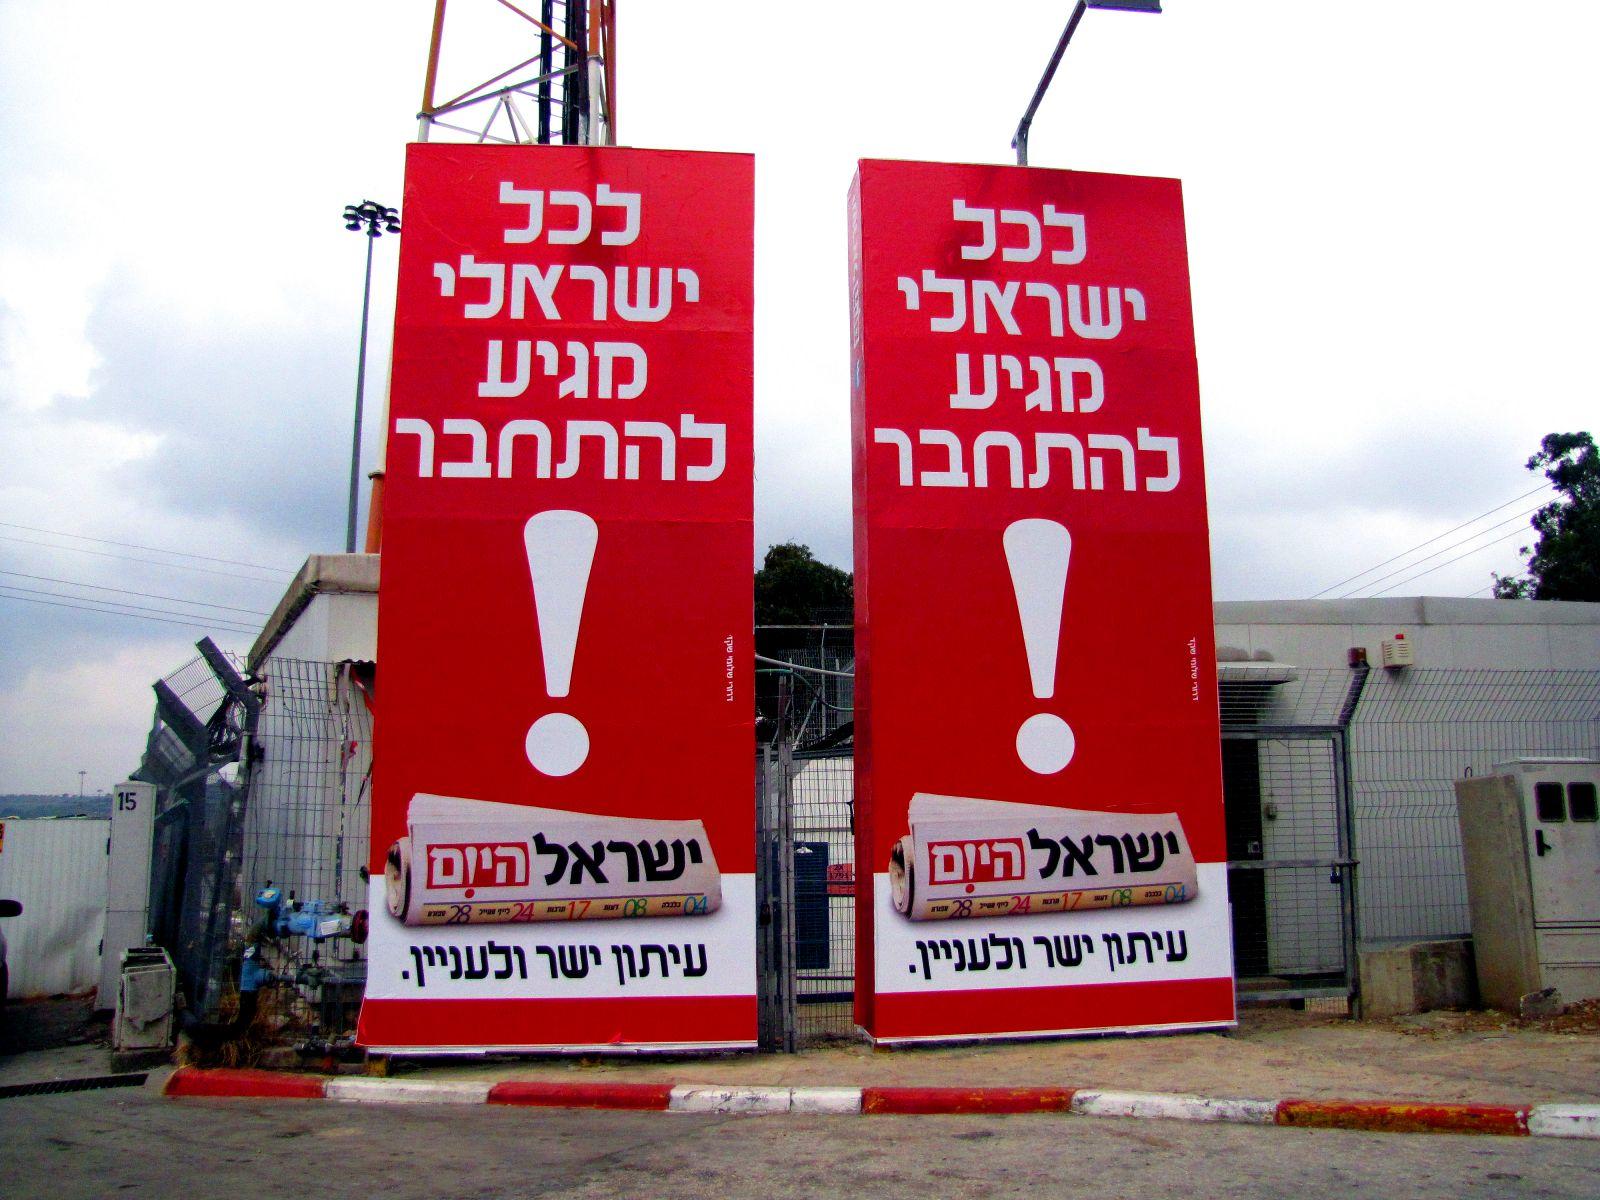 """""""לכל ישראלי מגיע להתחבר"""", שלטי חוצות של """"ישראל היום"""" (צילום: רפי מן)"""